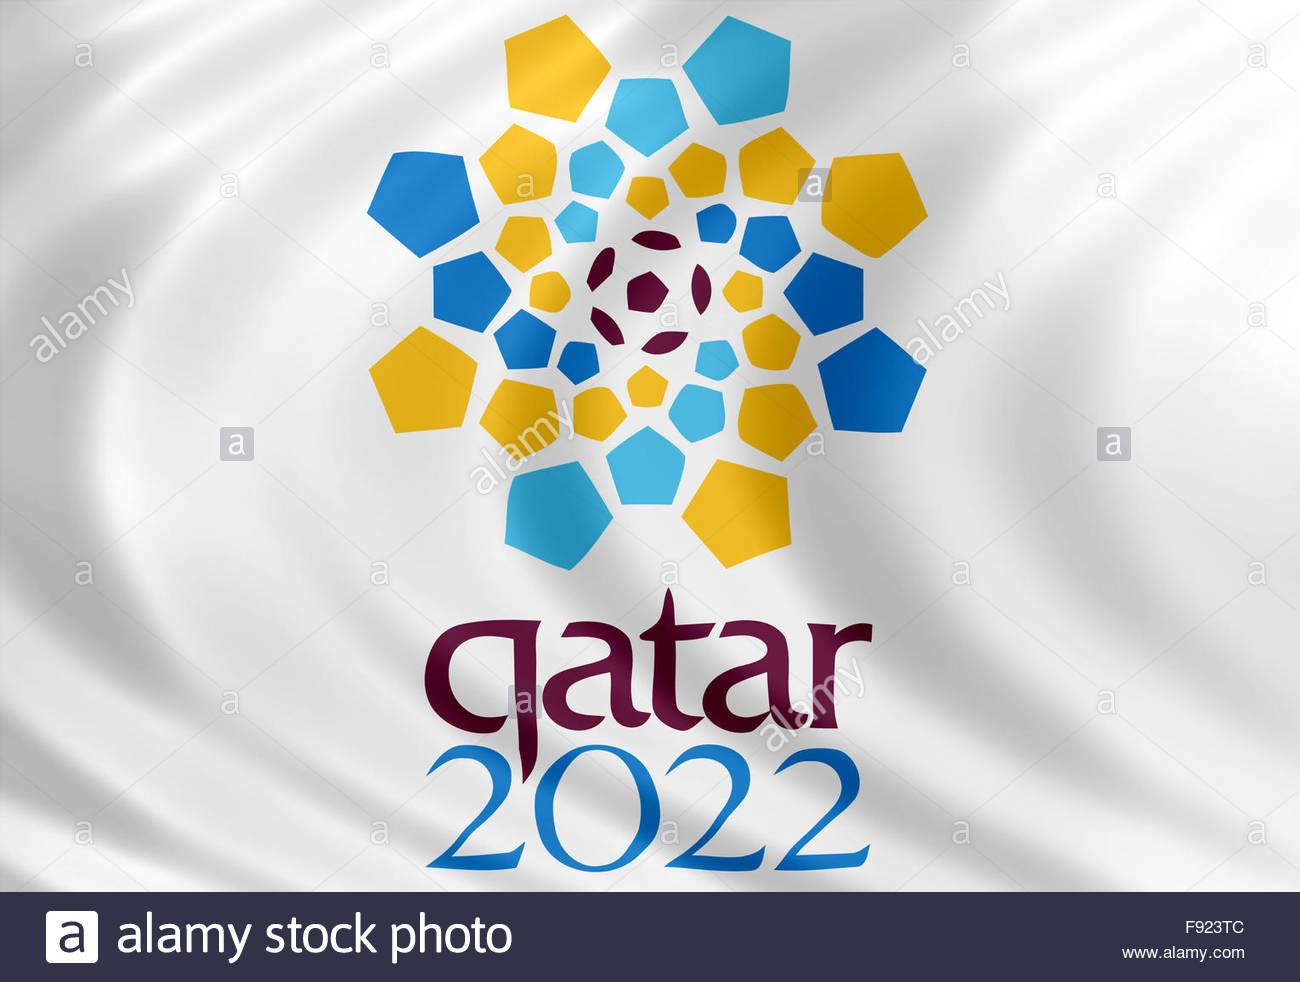 weltmeisterschaft 2022